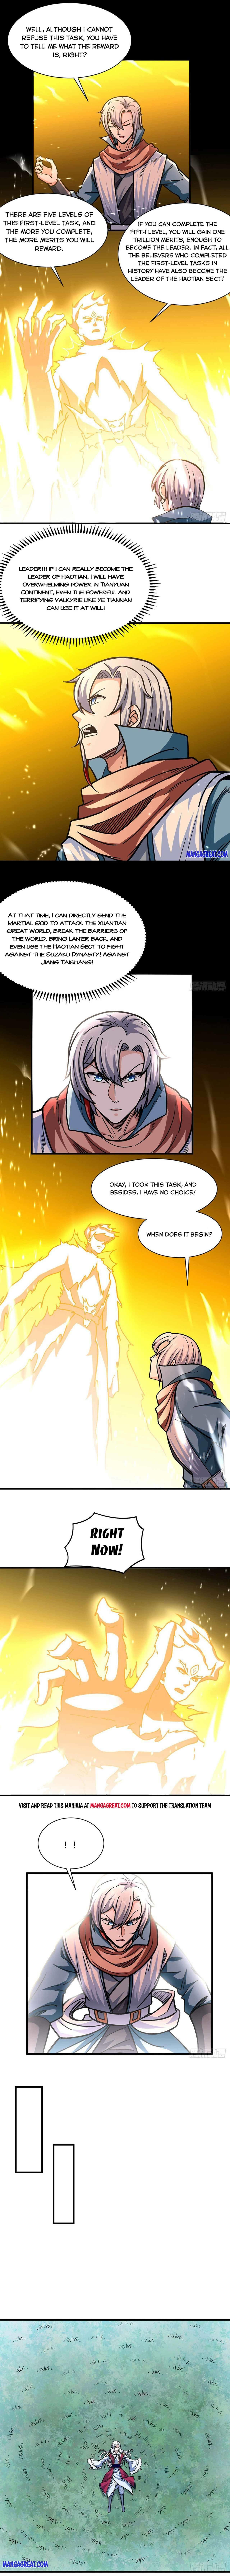 Martial Arts Reigns Chapter 317 page 3 - Mangakakalot